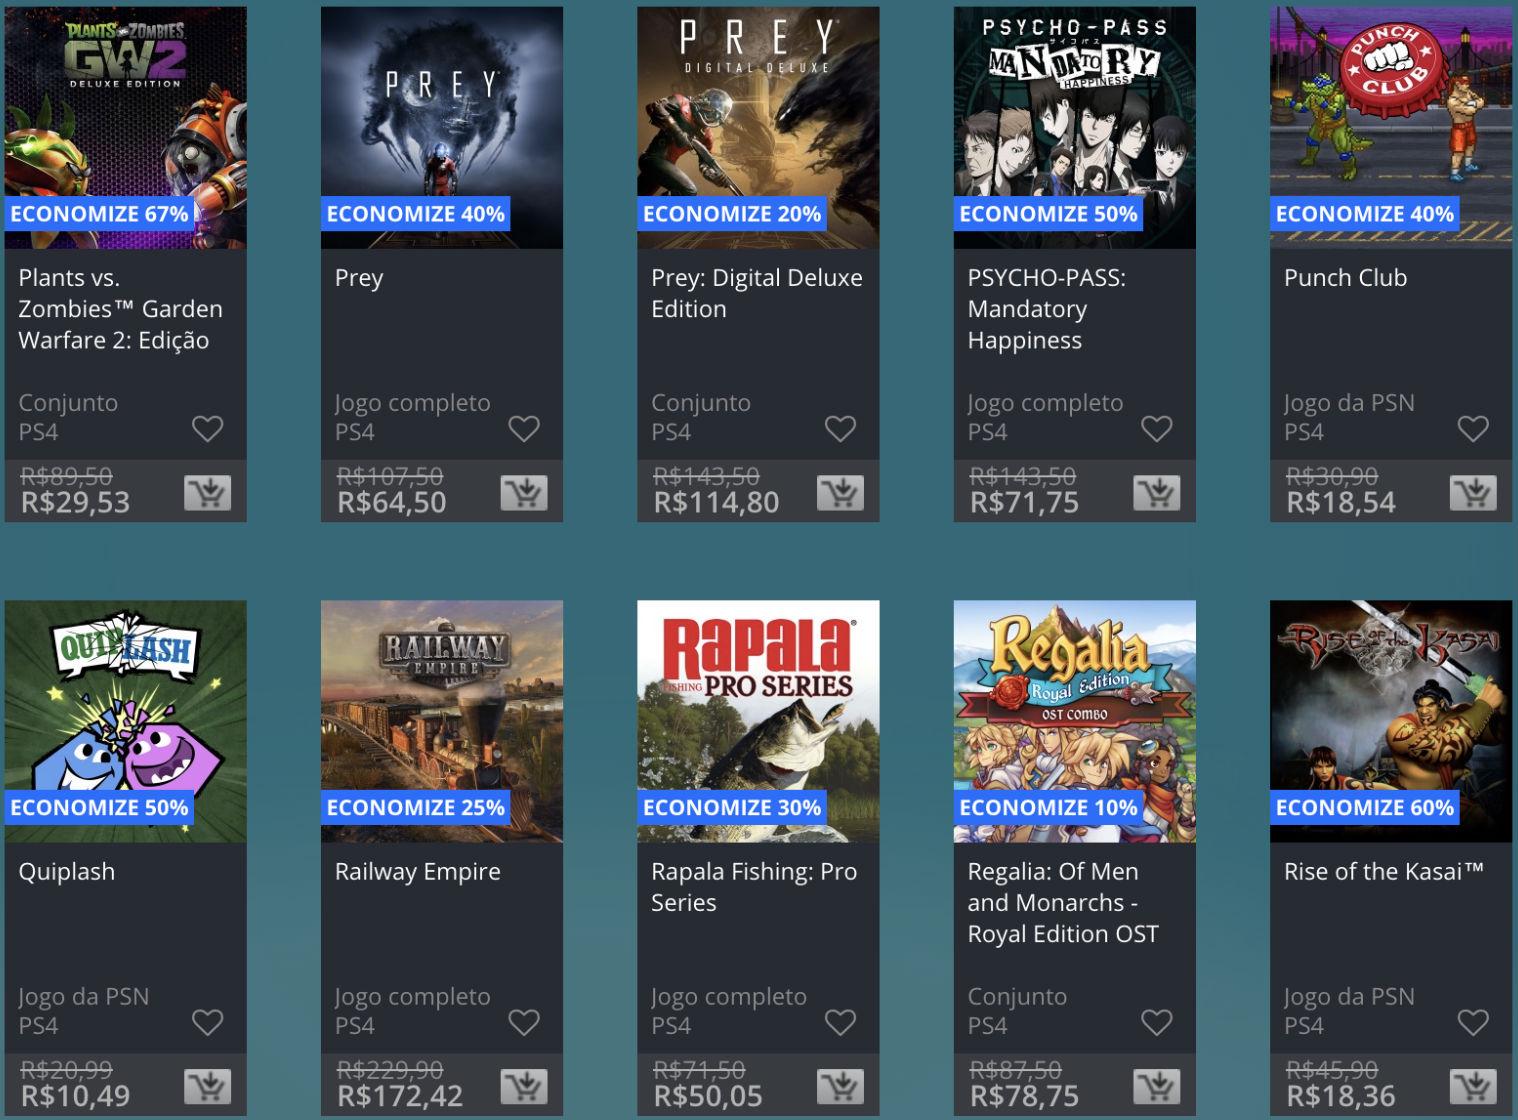 Promoção de Meio do Ano na PS Store com mais de 600 itens com preços que variam de R$ 10 a R$ 200 34